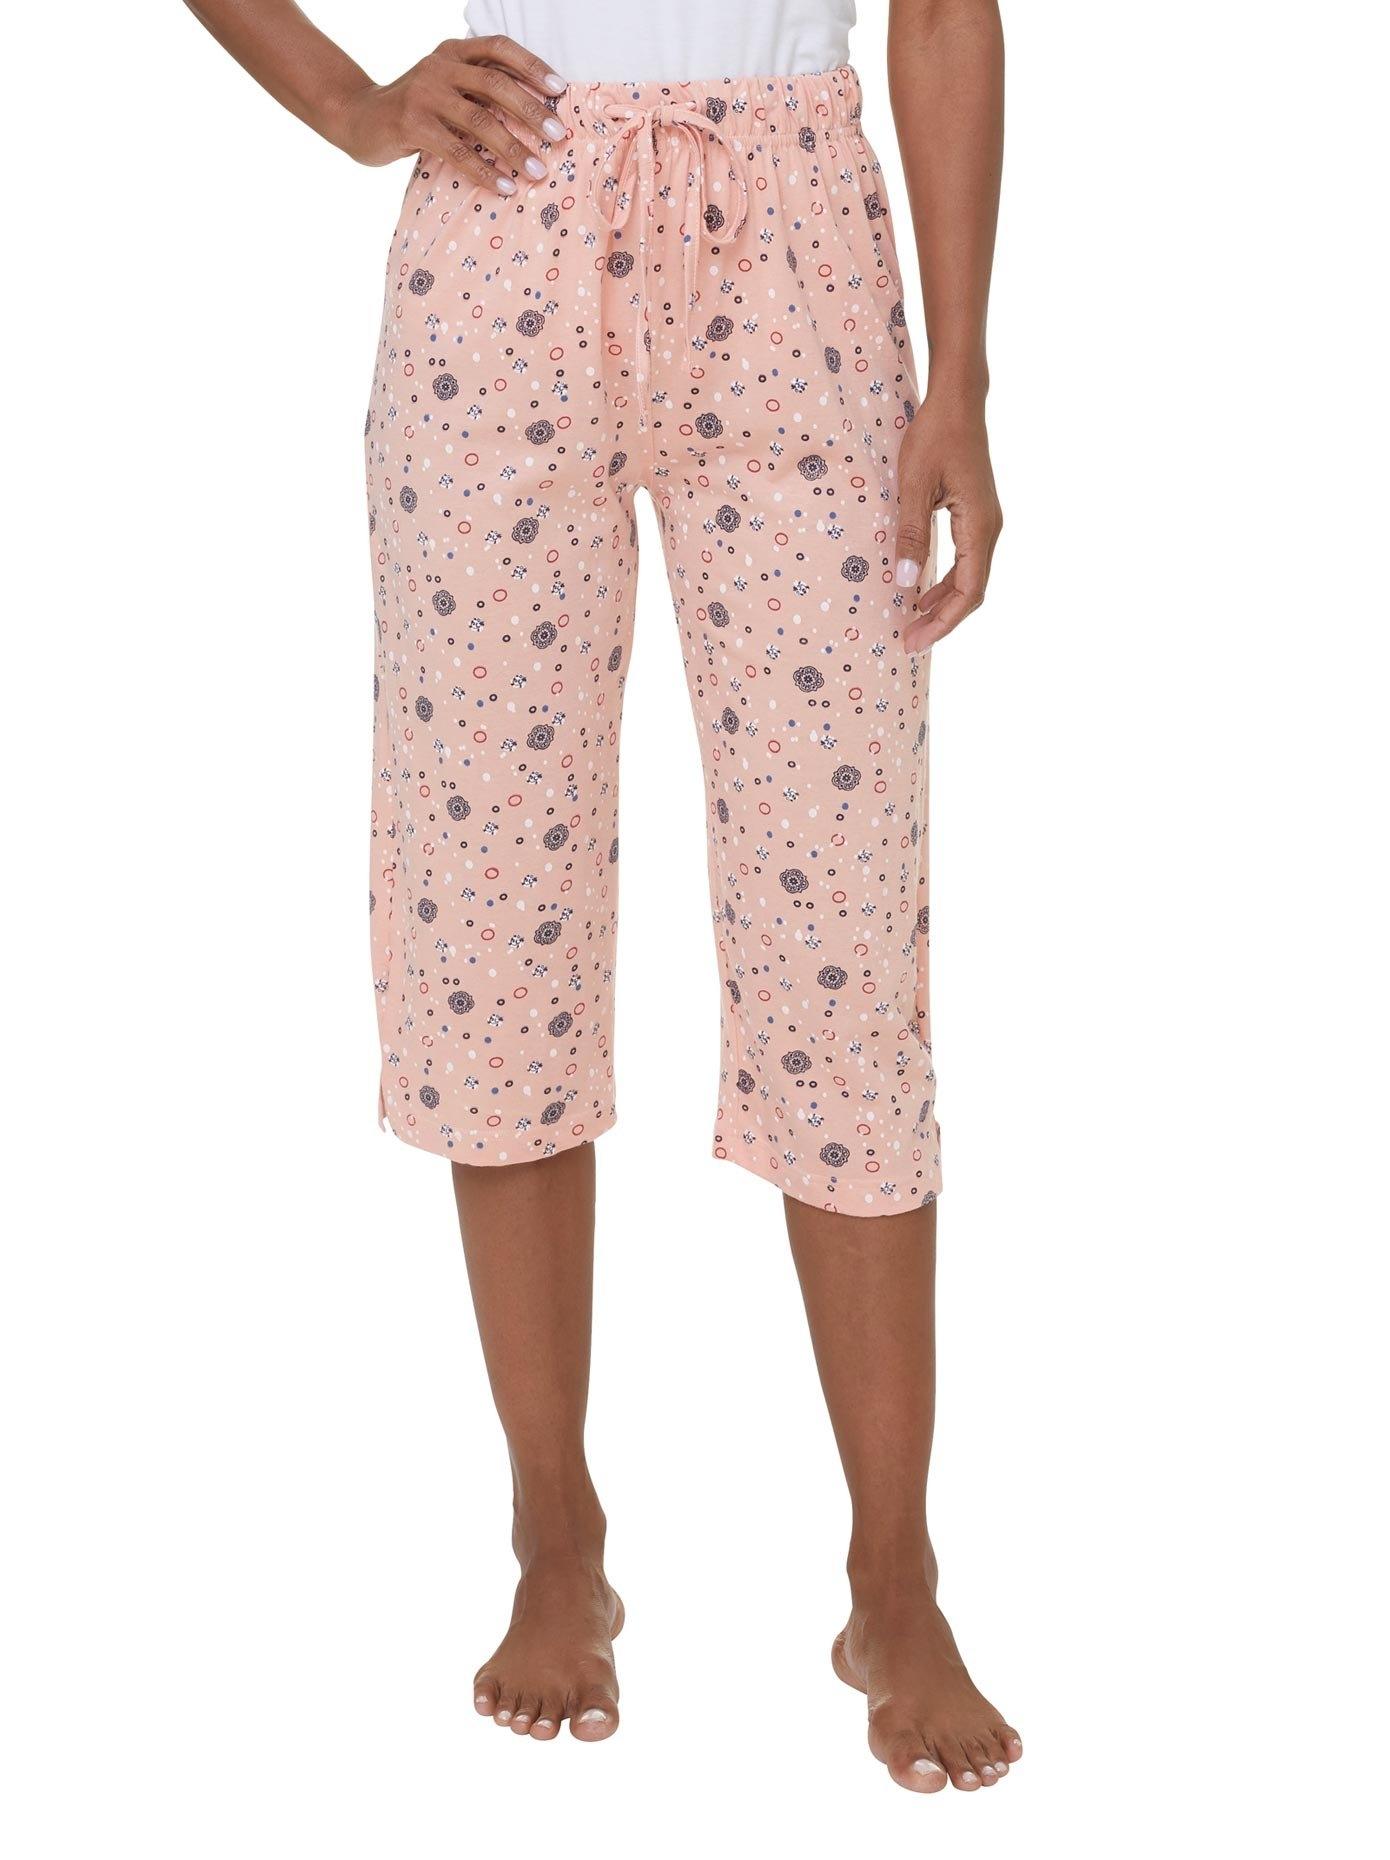 wäschepur pyjamabroek bestellen: 30 dagen bedenktijd